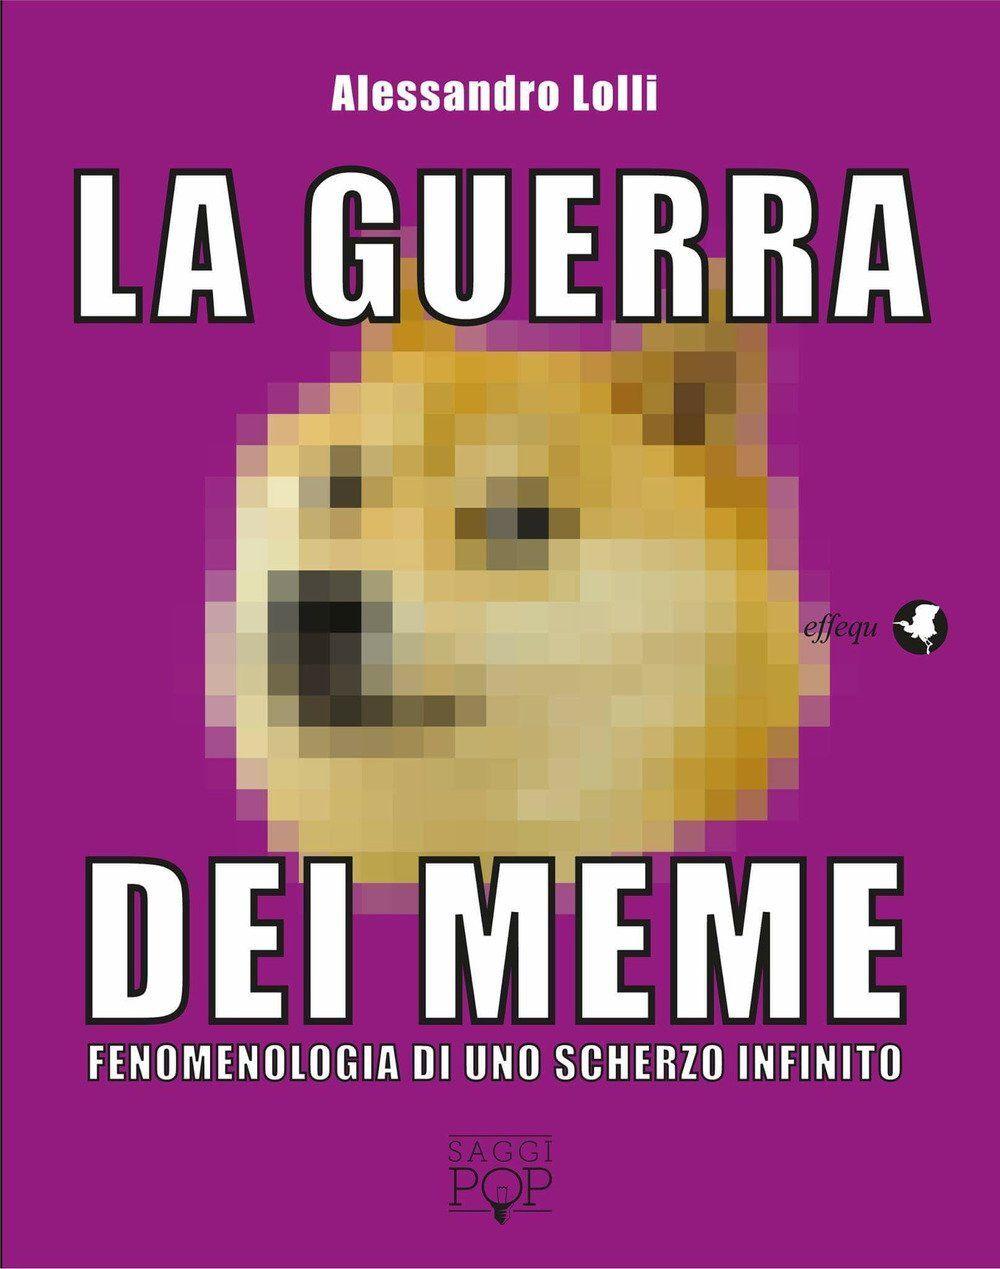 la guerra dei meme alessandro lolli nerdcore